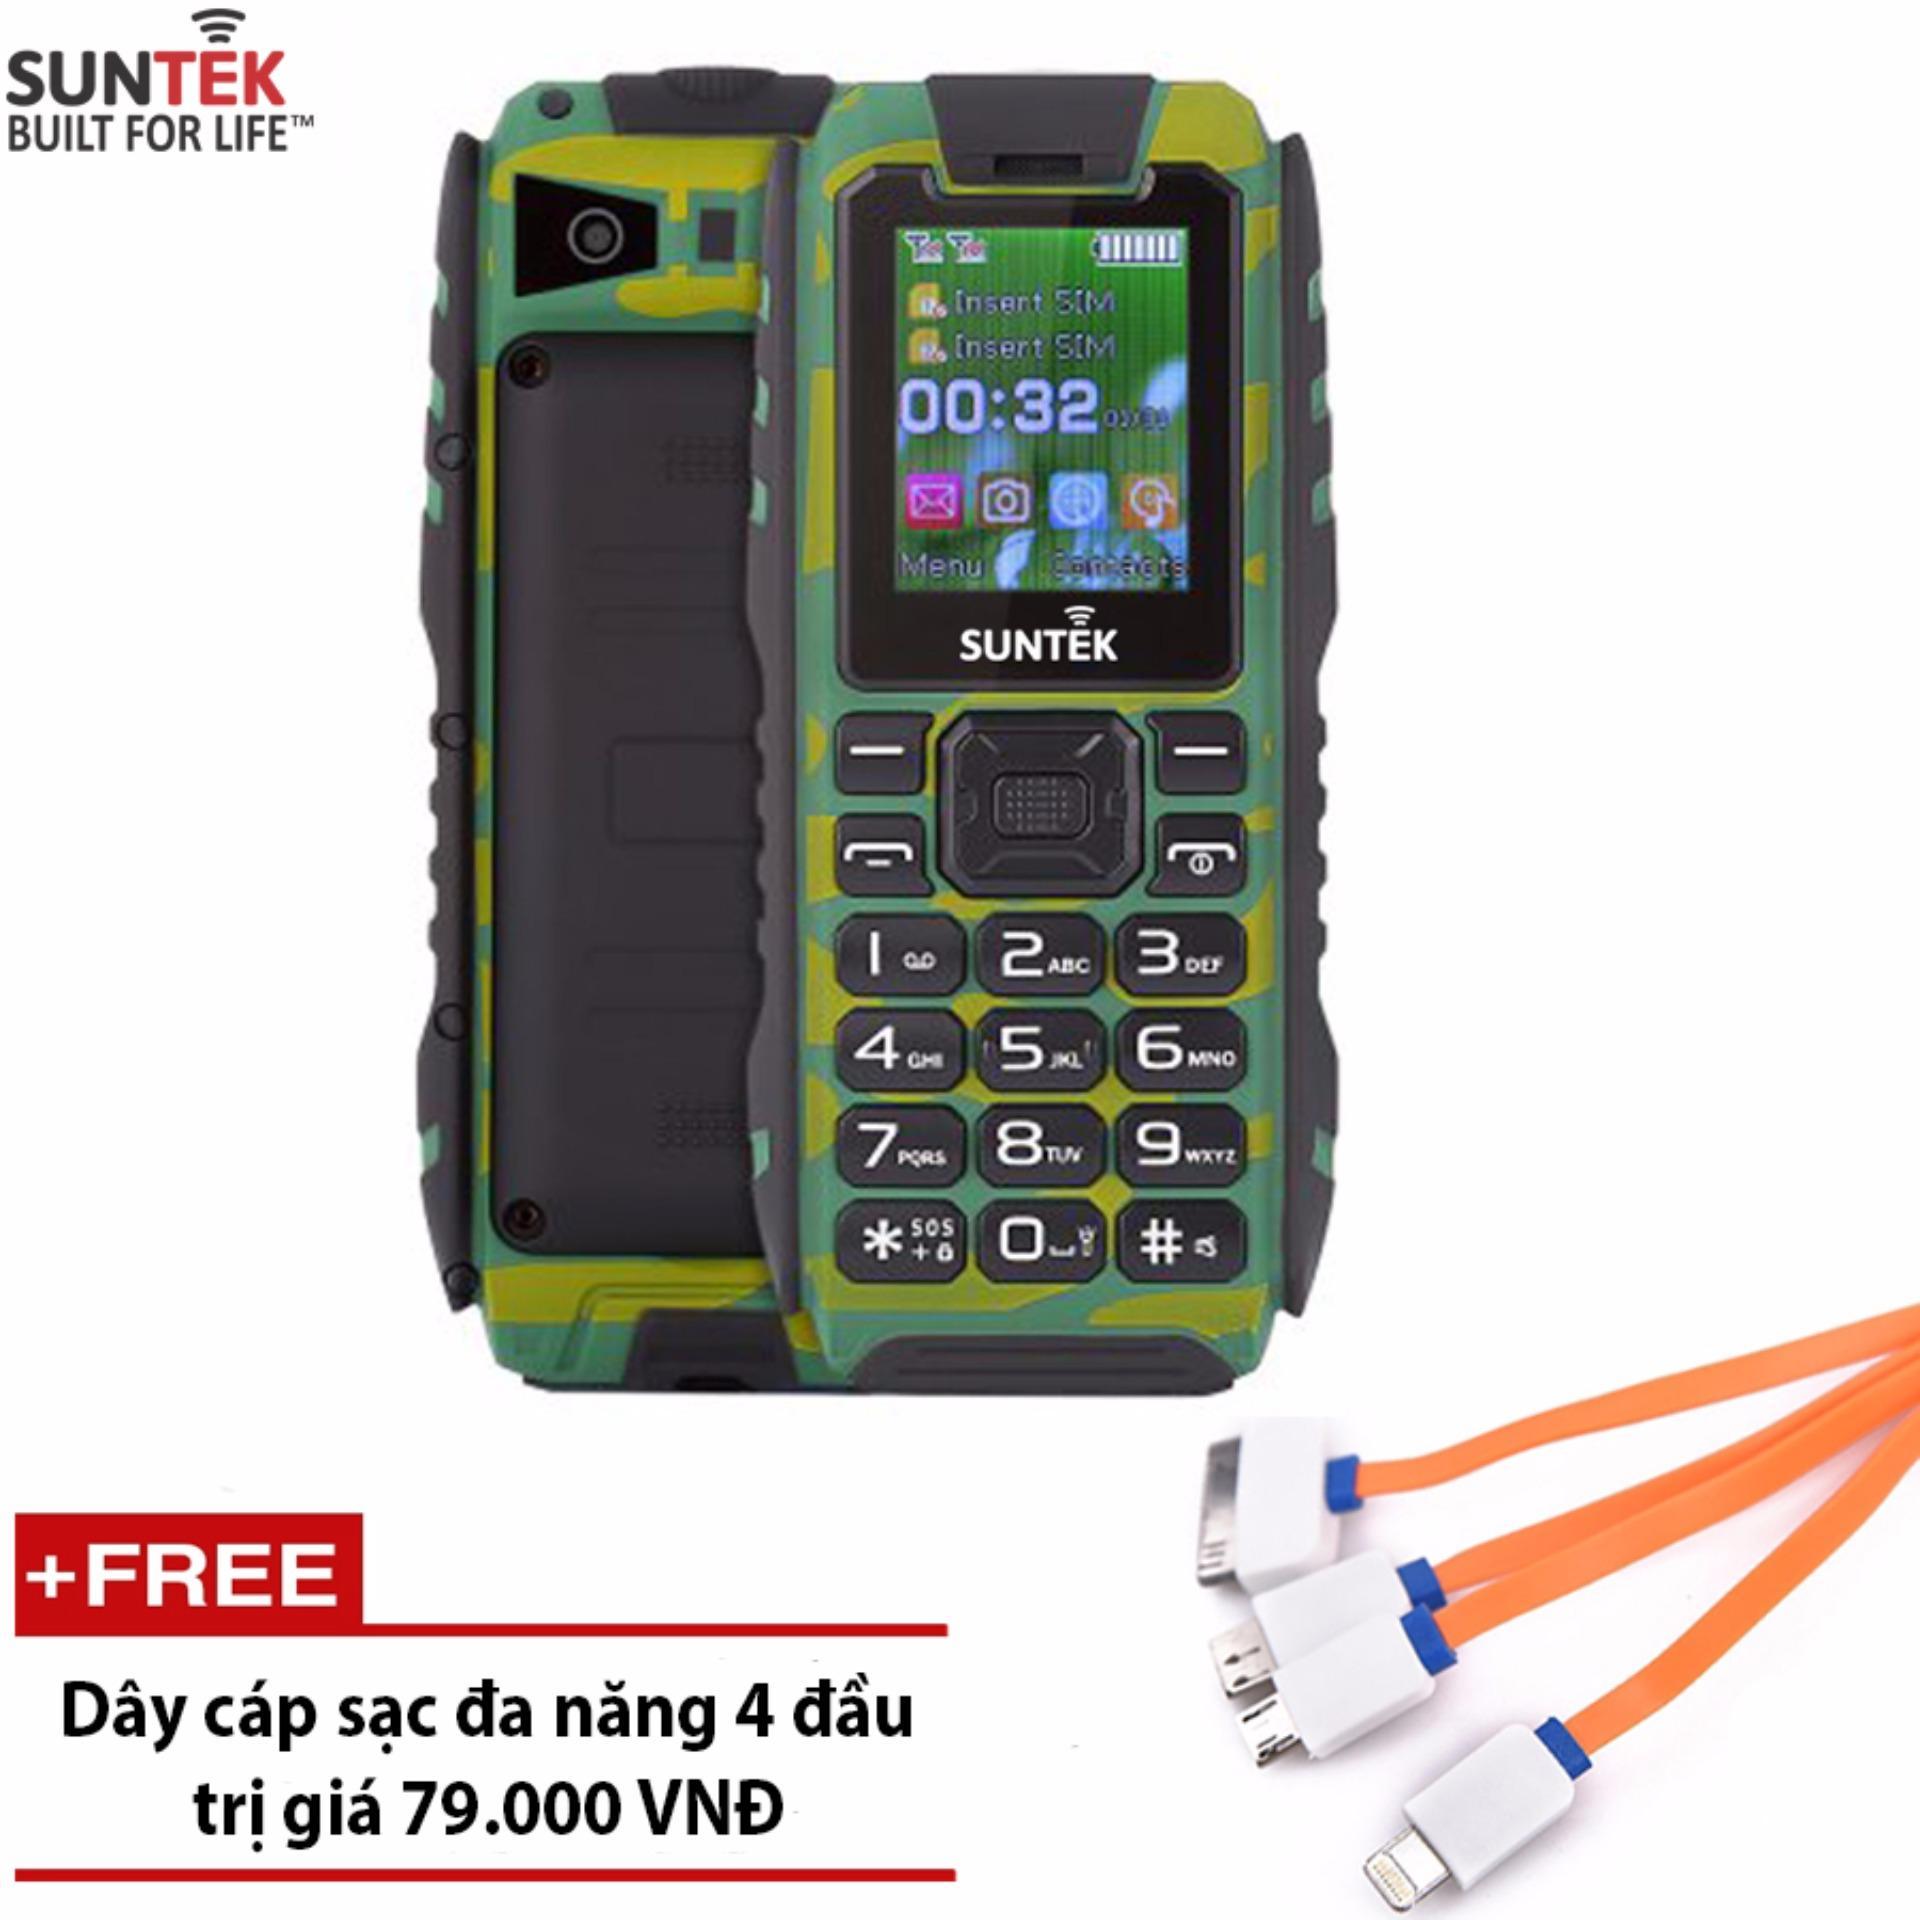 Bảng Báo Giá ĐTDĐ Suntek X9 2 SIM chống nước kiêm pin sạc dự phòng 16.000mAh (Rằn ri) – Hàng nhập khẩu + Tặng cáp sạc đa năng